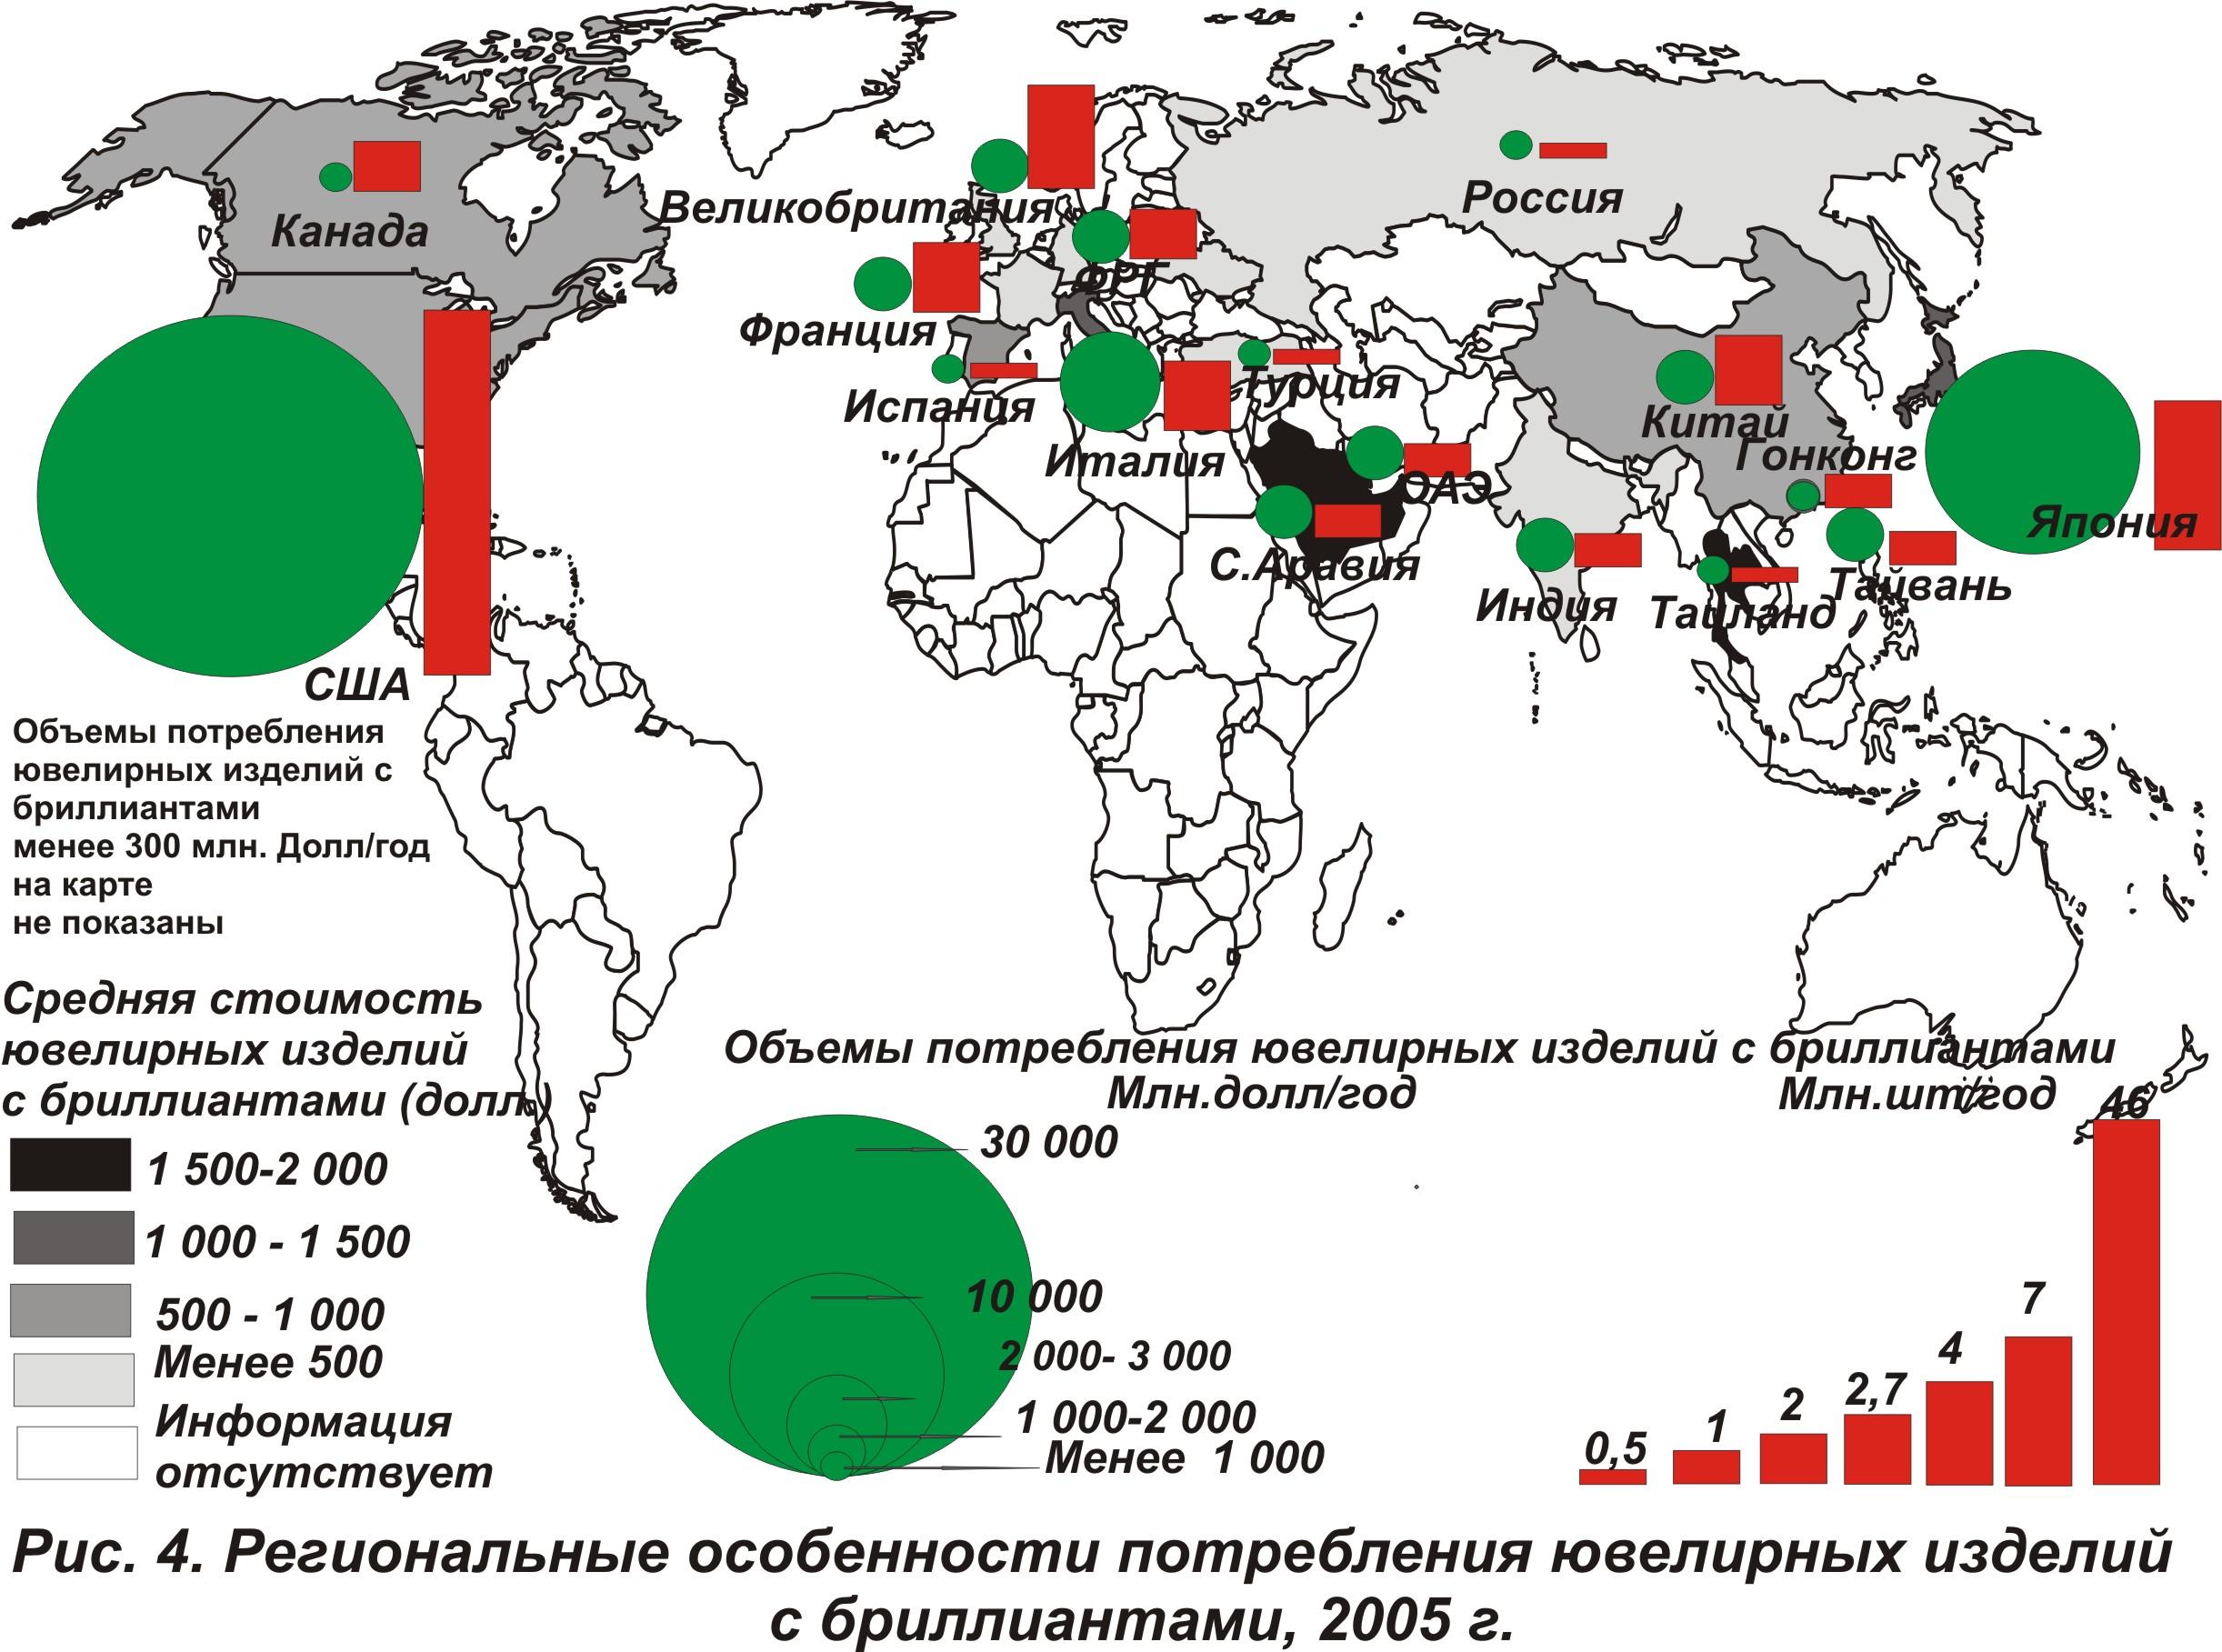 Международное разделение труда – формирование, факторы усиления и углубления, последствия